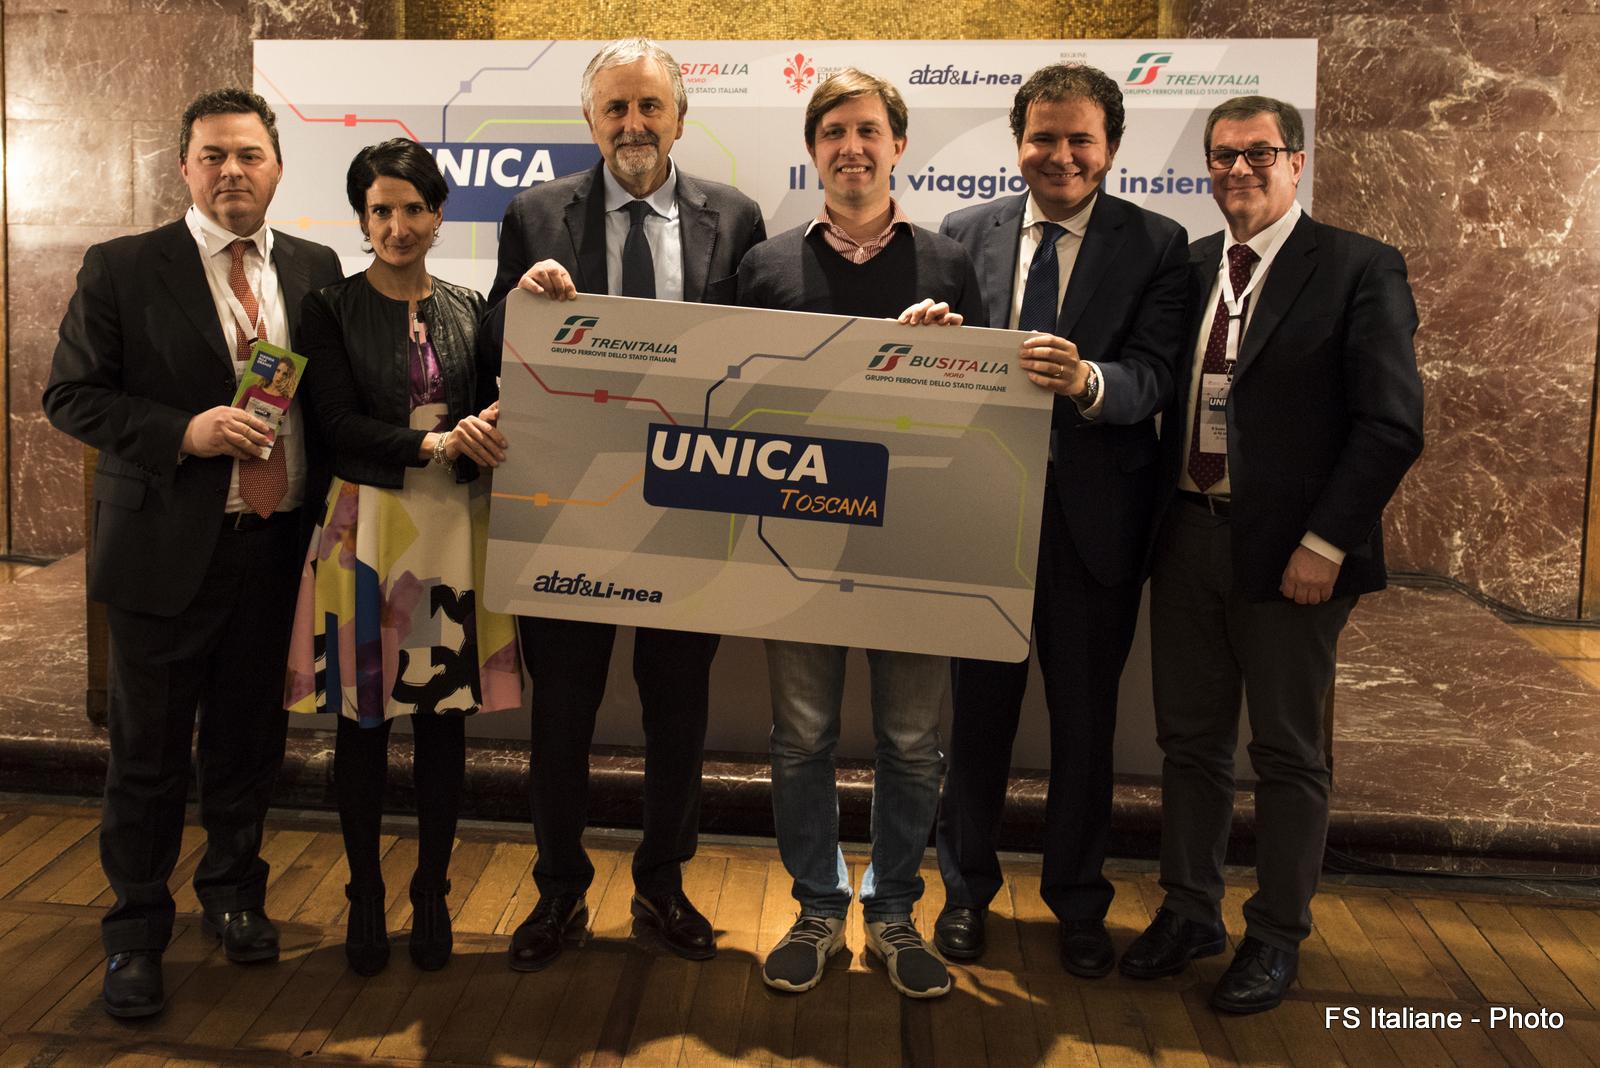 BusItalia, TreniItalia e Ataf&Li-nea: nasce Unica Toscana, il buon viaggio si fa insieme